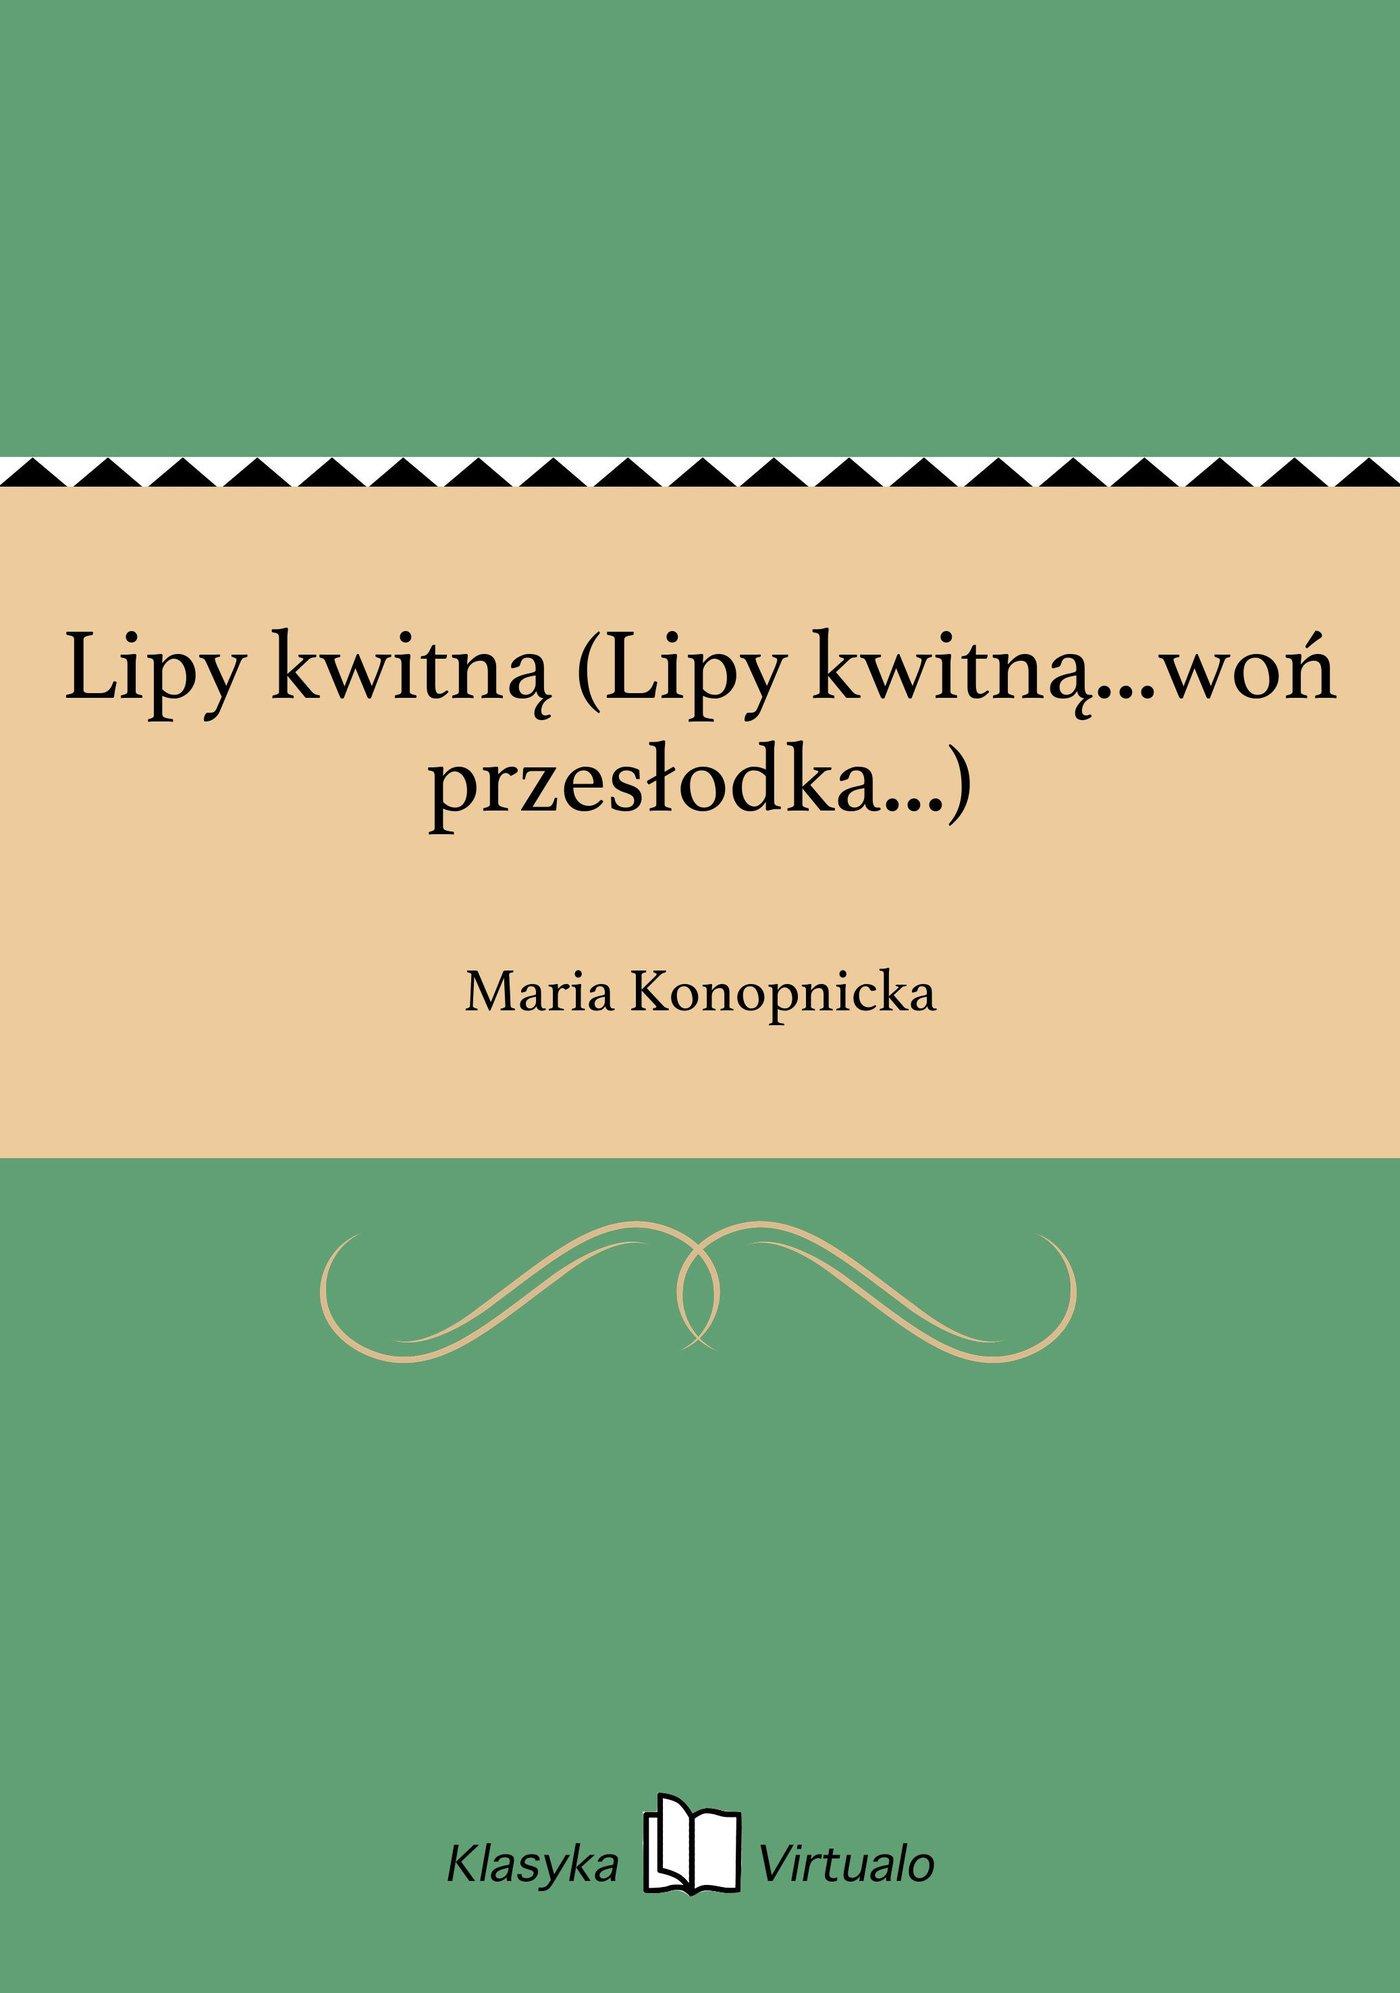 Lipy kwitną (Lipy kwitną...woń przesłodka...) - Ebook (Książka EPUB) do pobrania w formacie EPUB